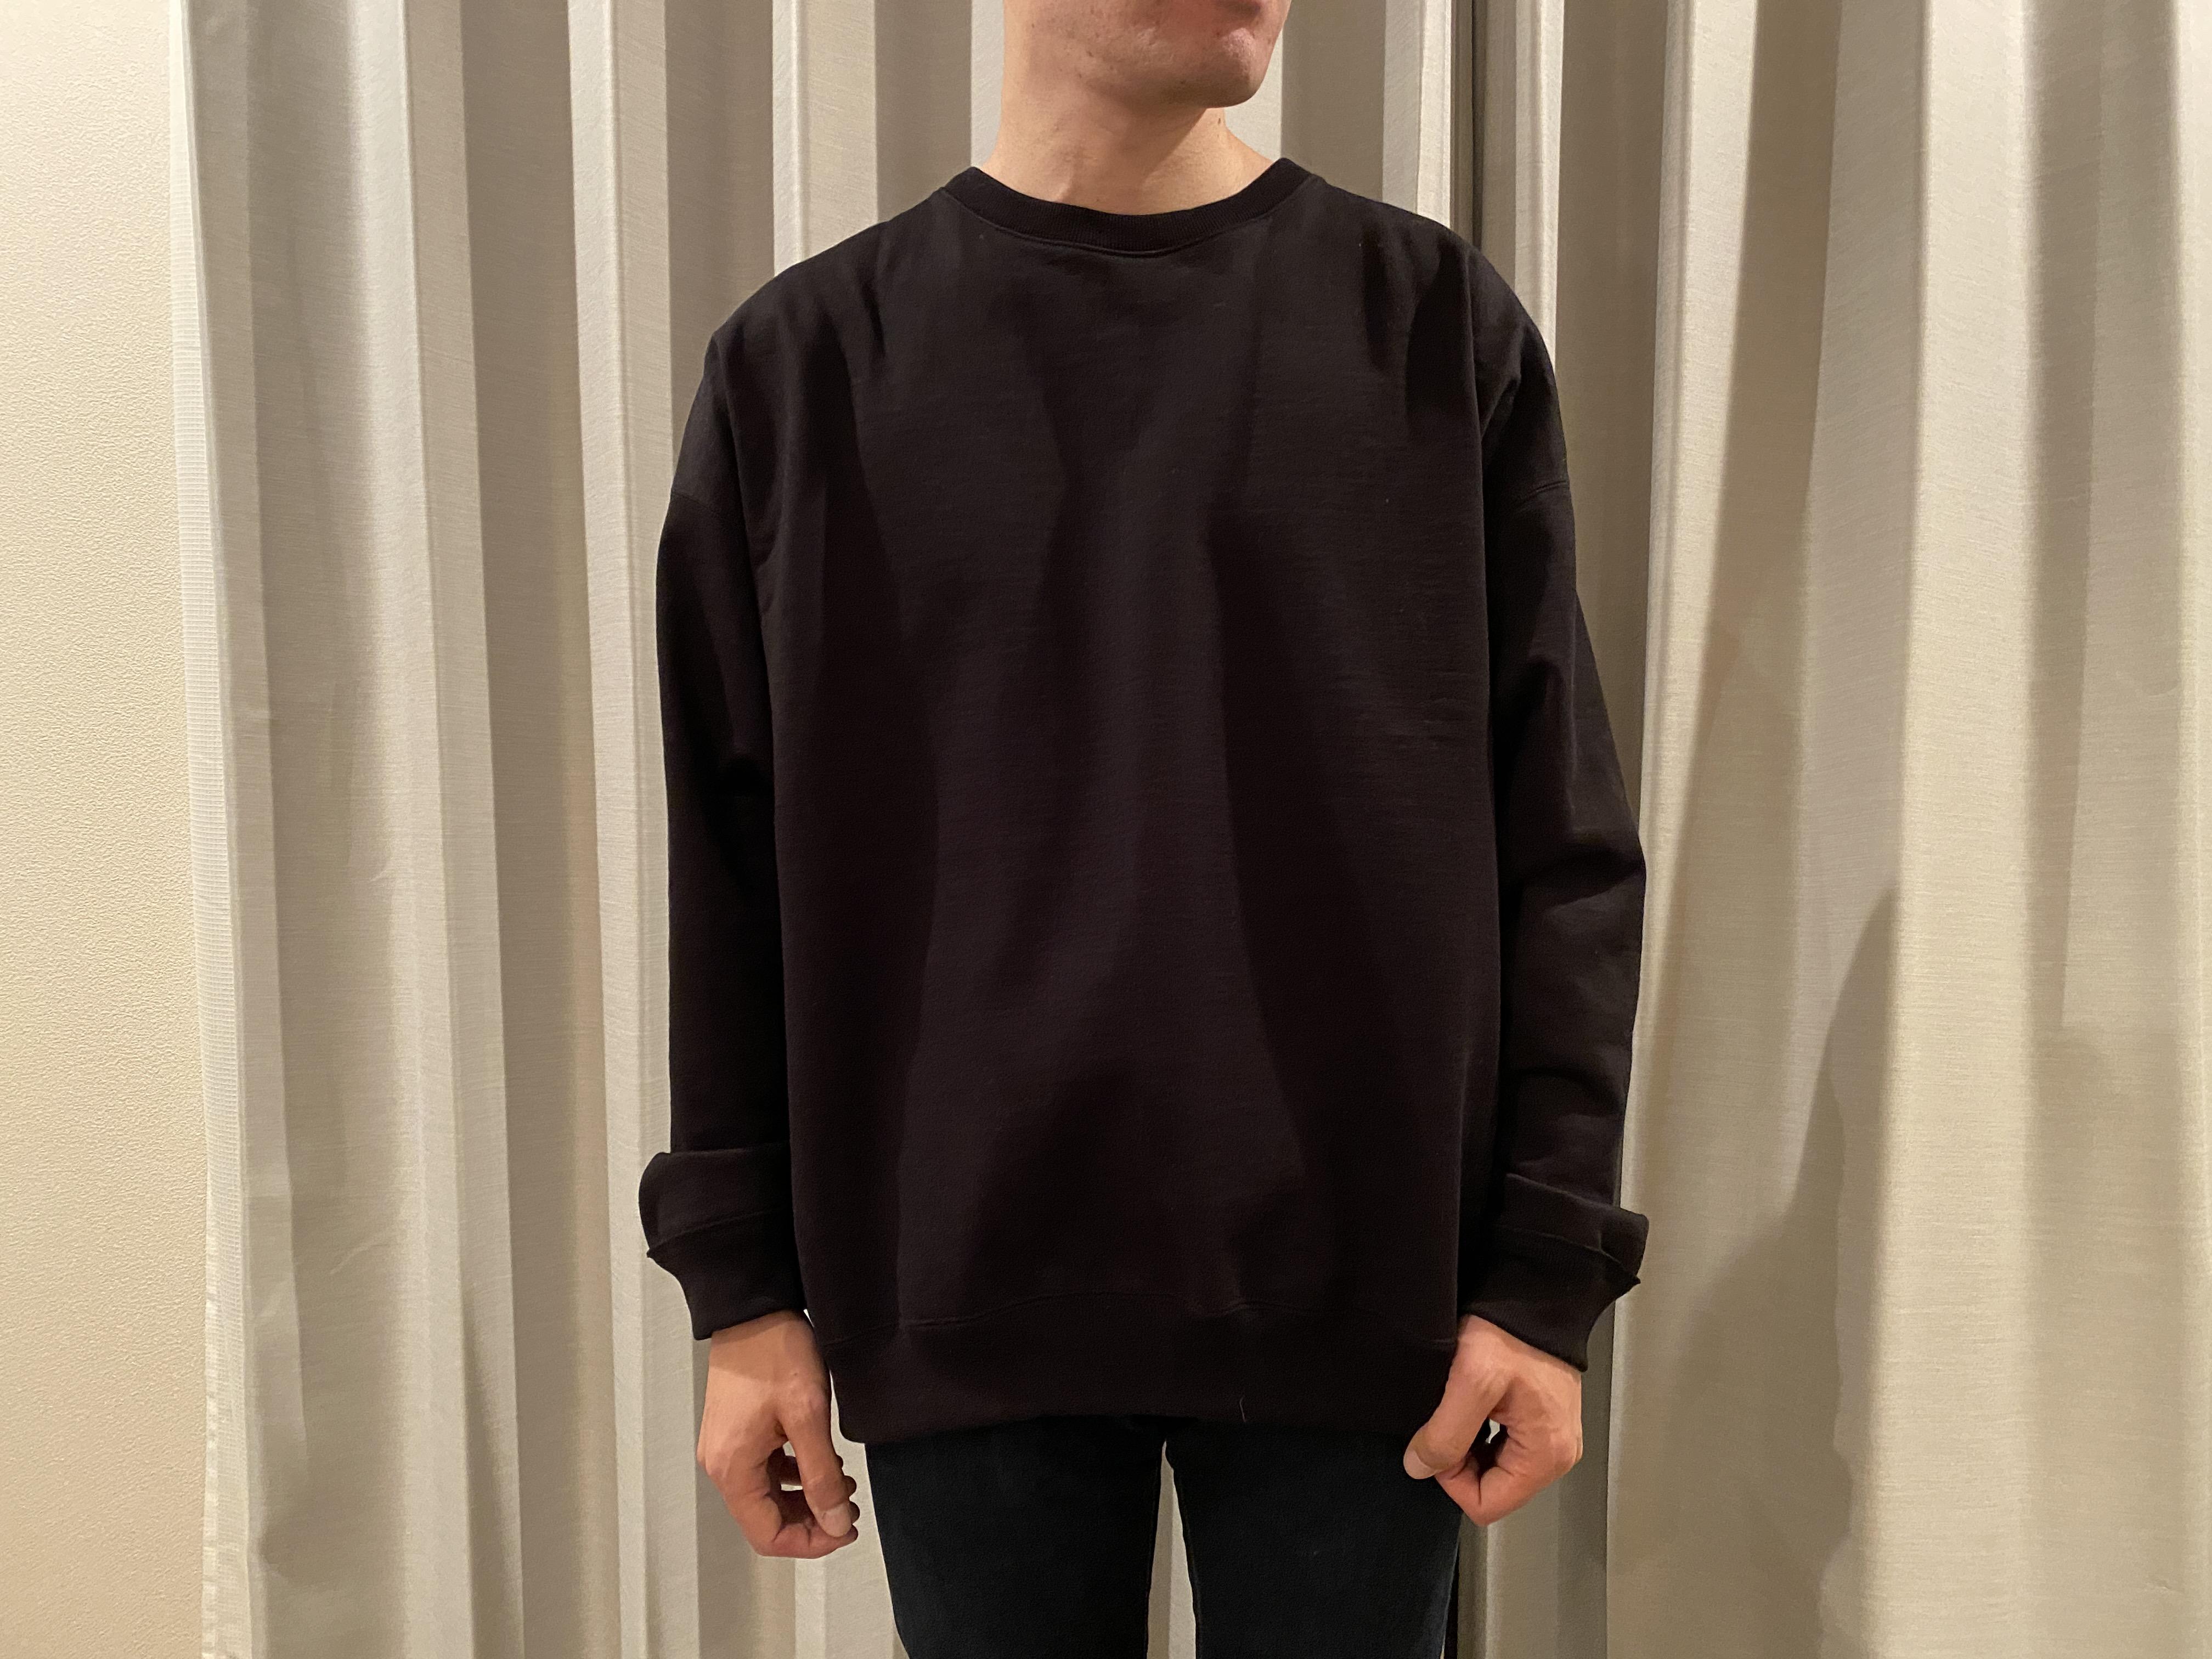 着た様子【行った】中目黒「PARKING」の「MARAKAWARE」オーバニックコットンコンパクトヘビー丸胴吊裏毛買ったよ